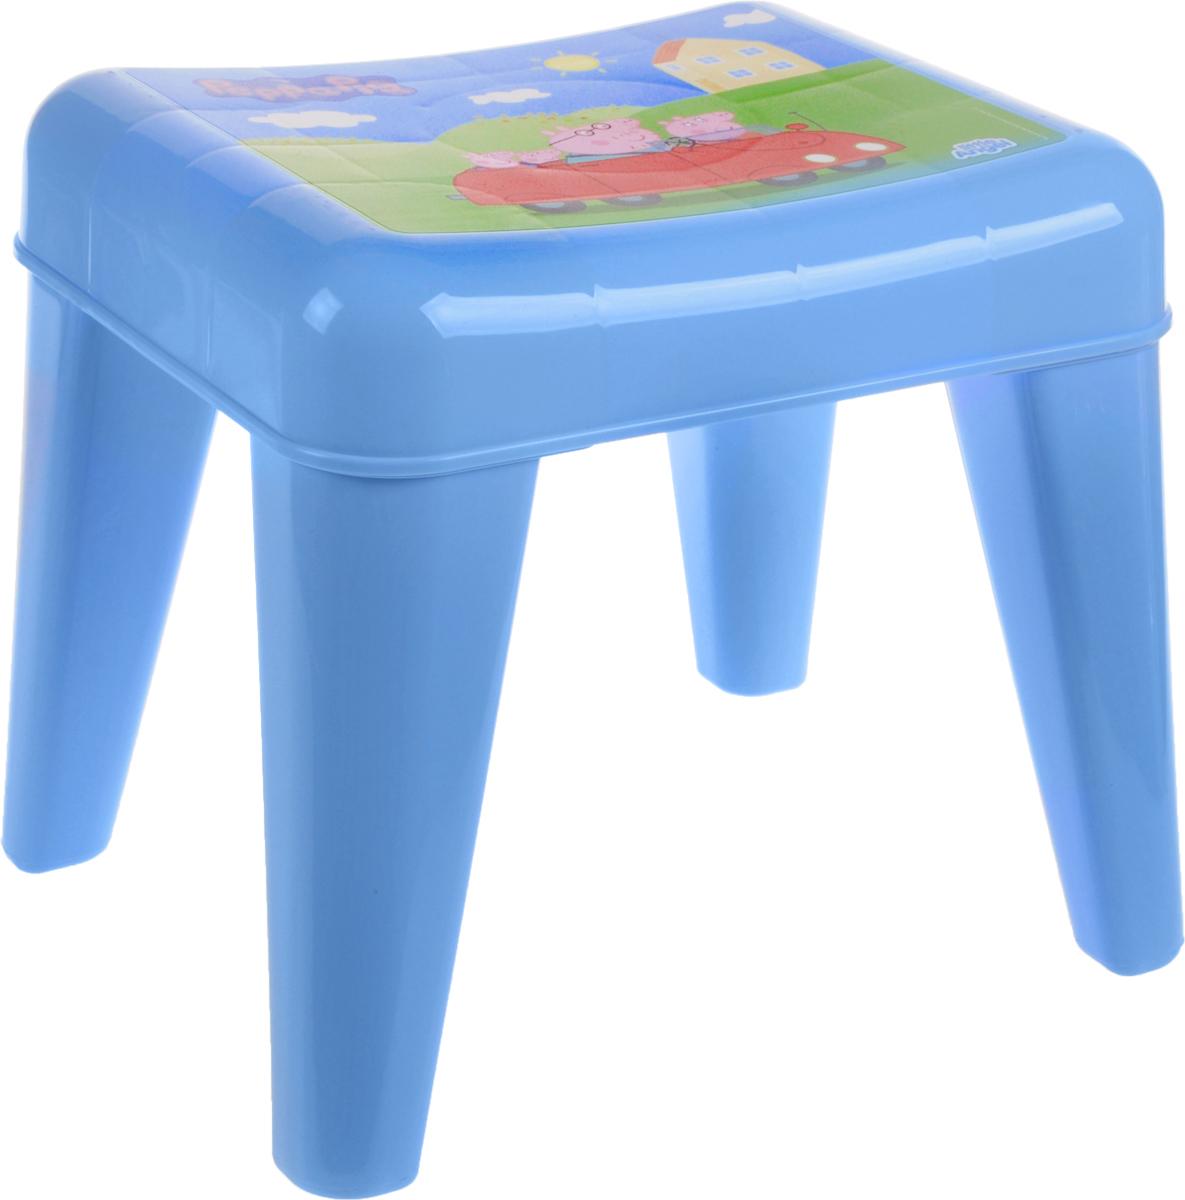 Табурет детский Little Angel  Свинка Пеппа. Я расту , цвет: голубой, зеленый, розовый, 35 х 29,5 х 30 см -  Детская мебель